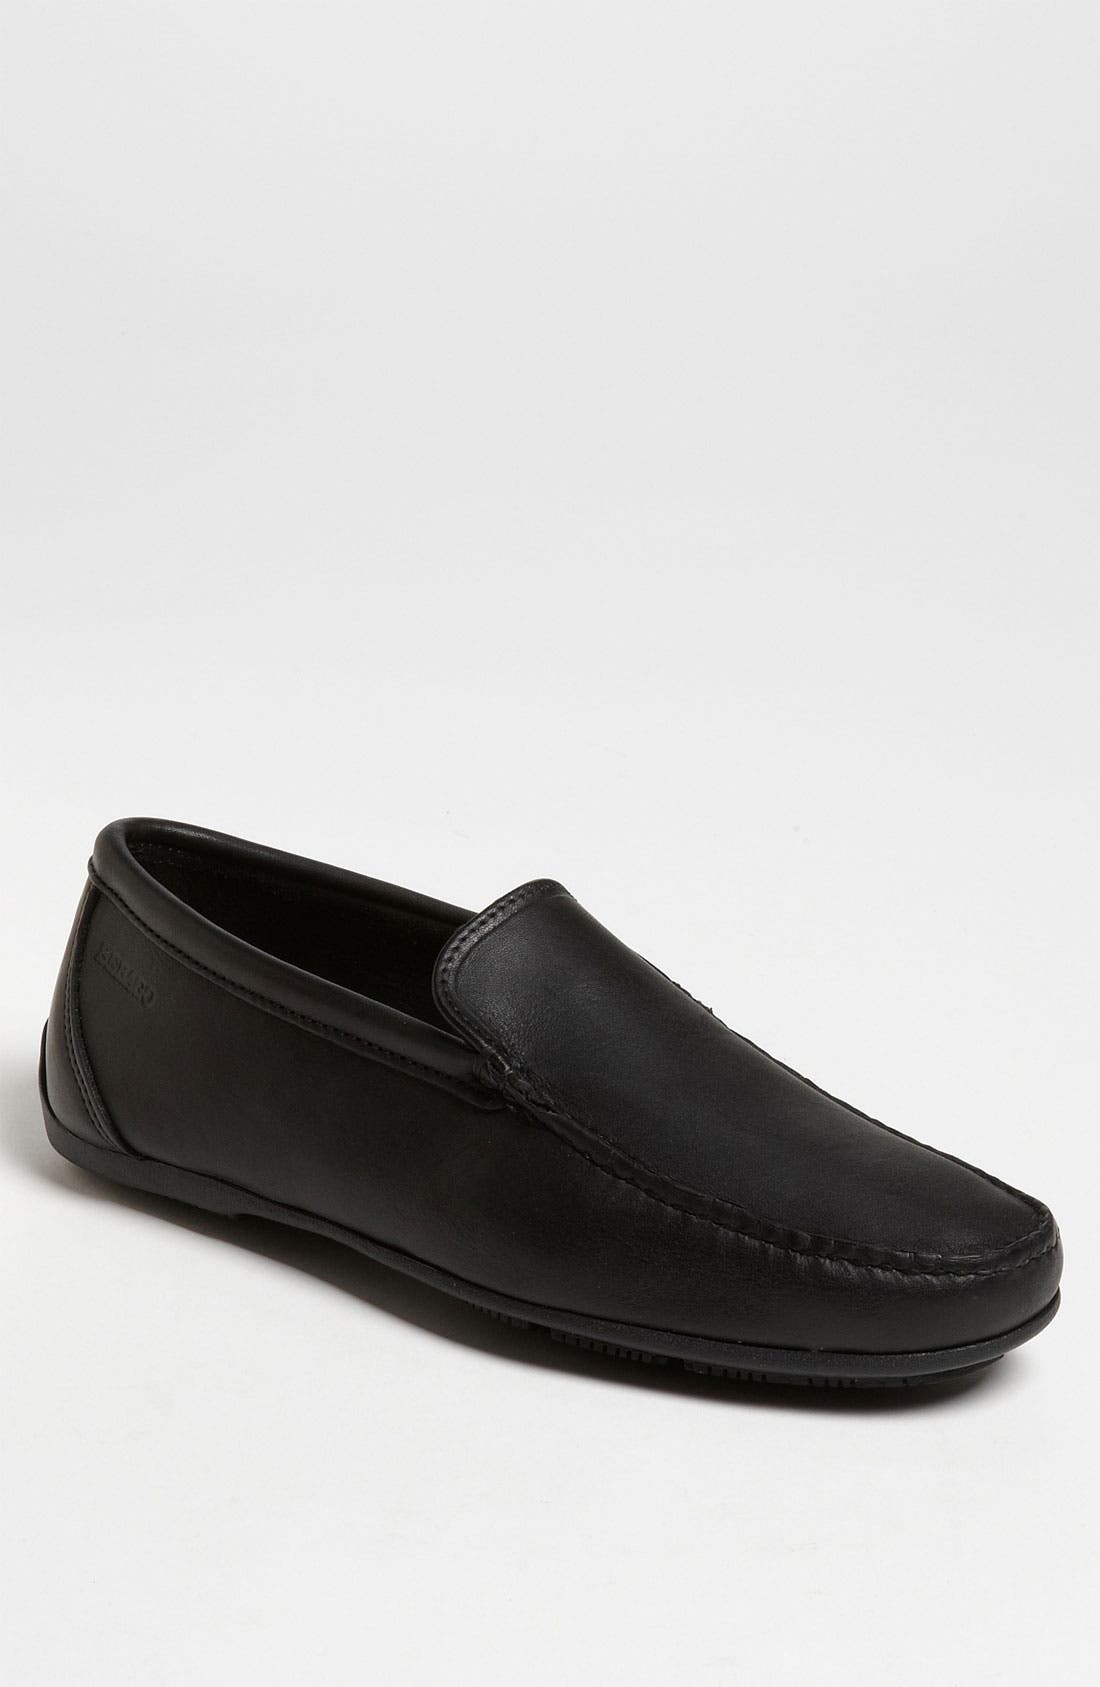 Alternate Image 1 Selected - Sebago 'Vico' Driving Shoe